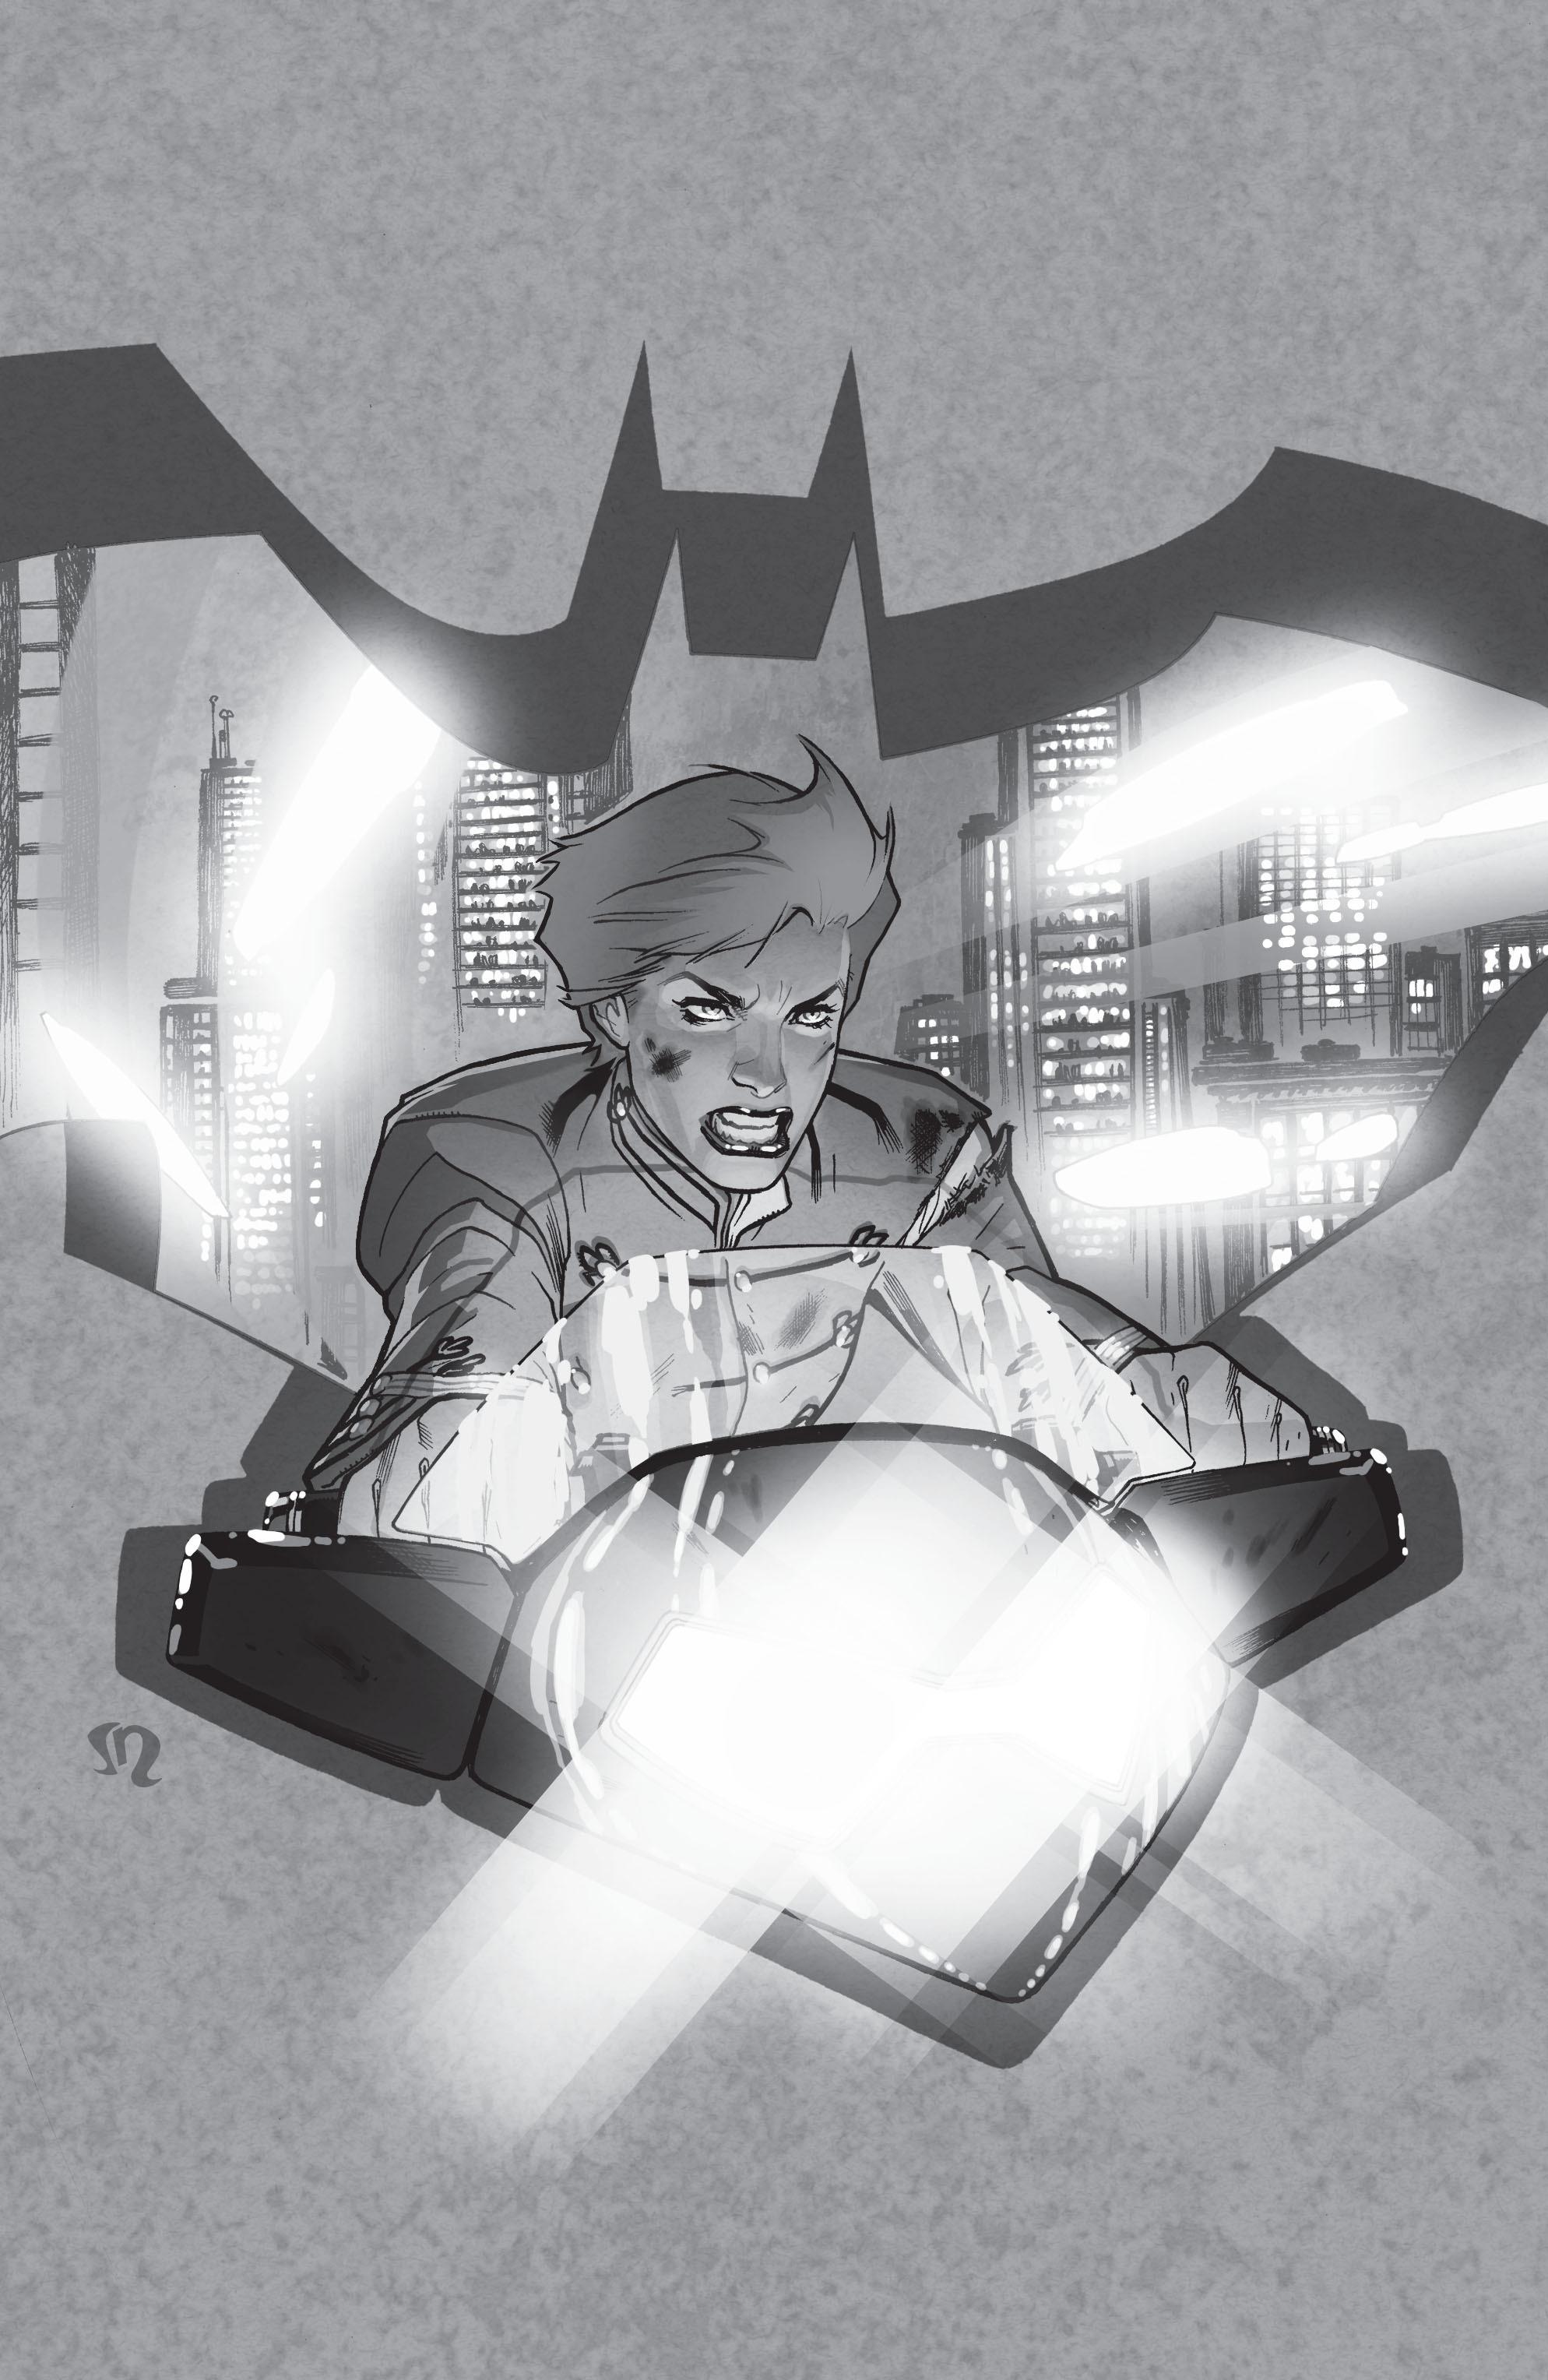 DC Comics: Zero Year chap tpb pic 143